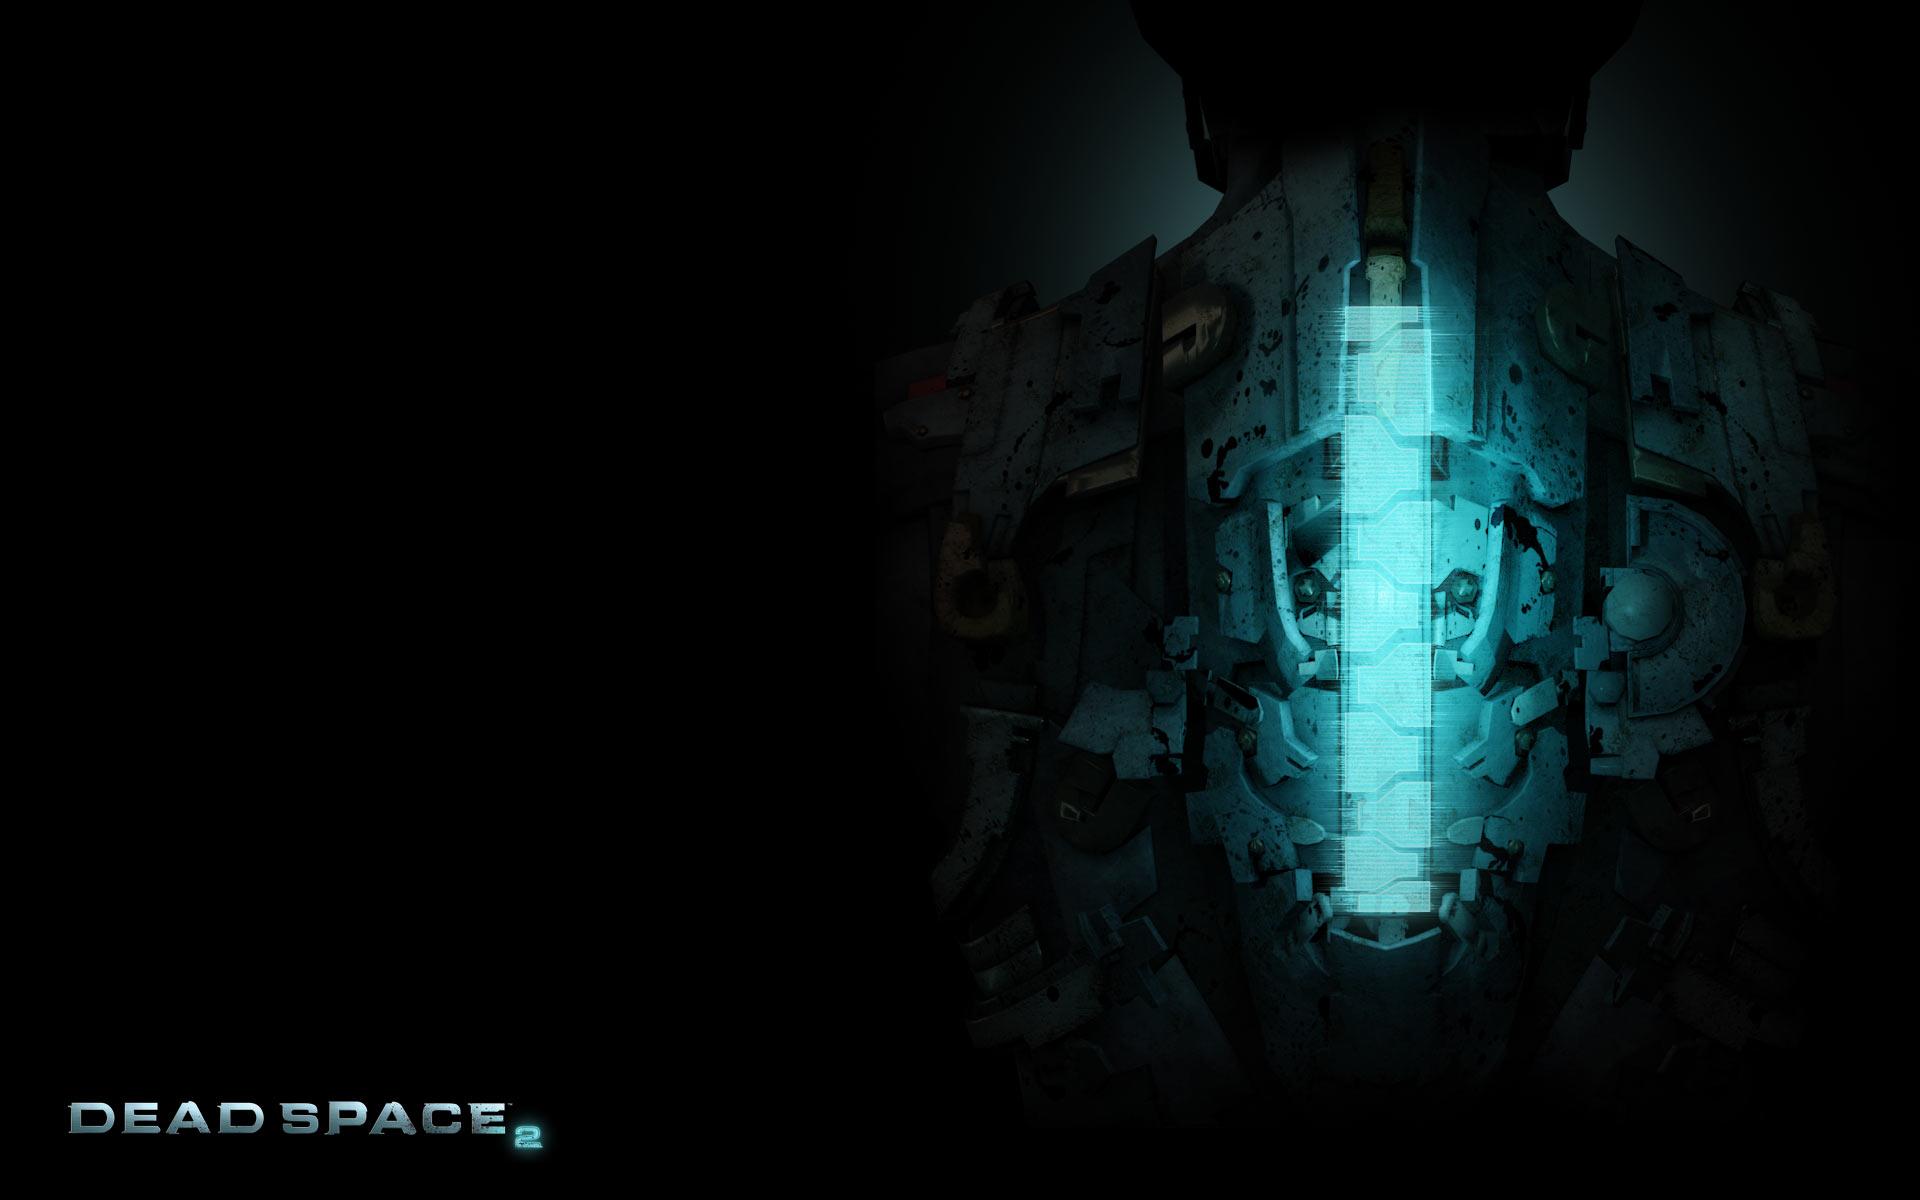 Dead space 2 торрент скачать